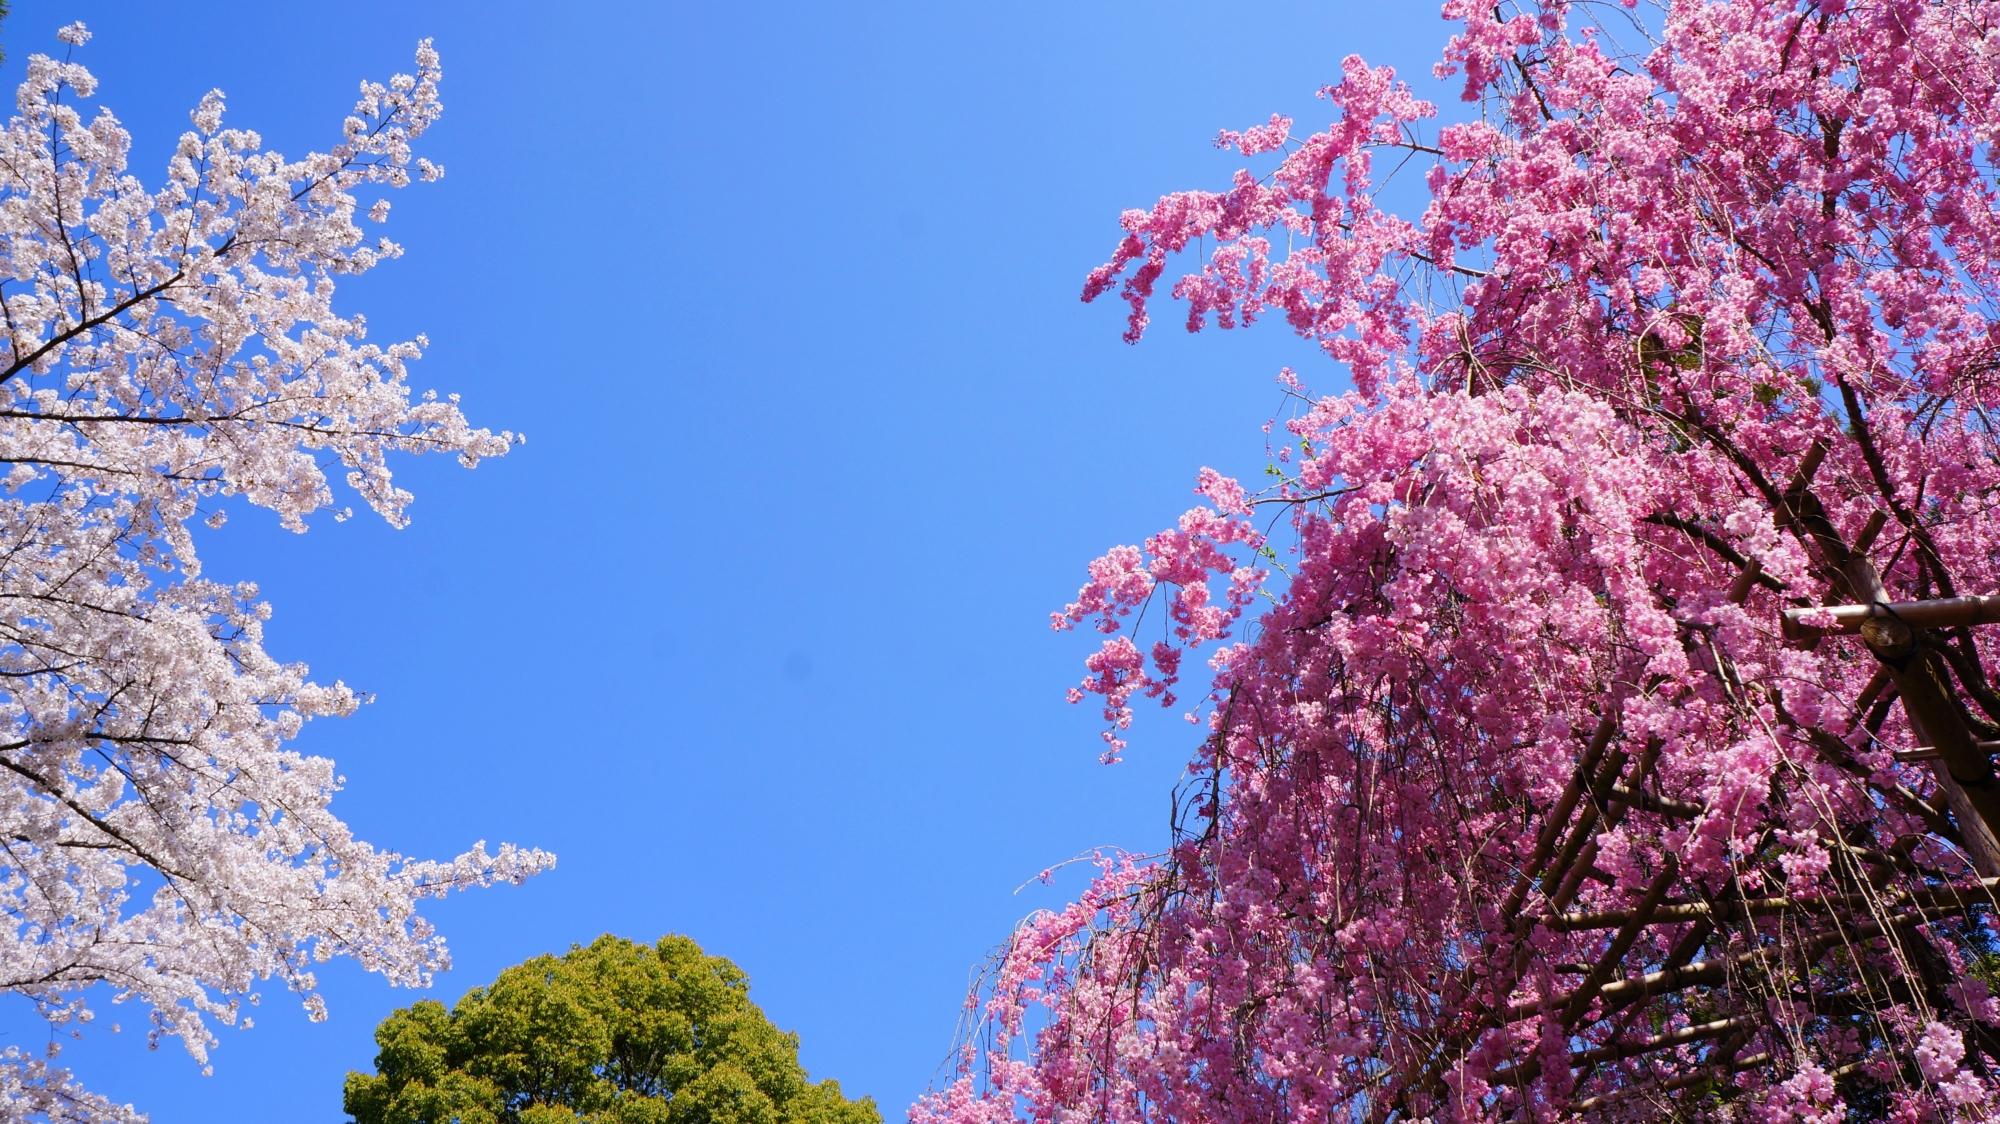 雲一つない青空の下で優雅に咲き誇る紅白の桜